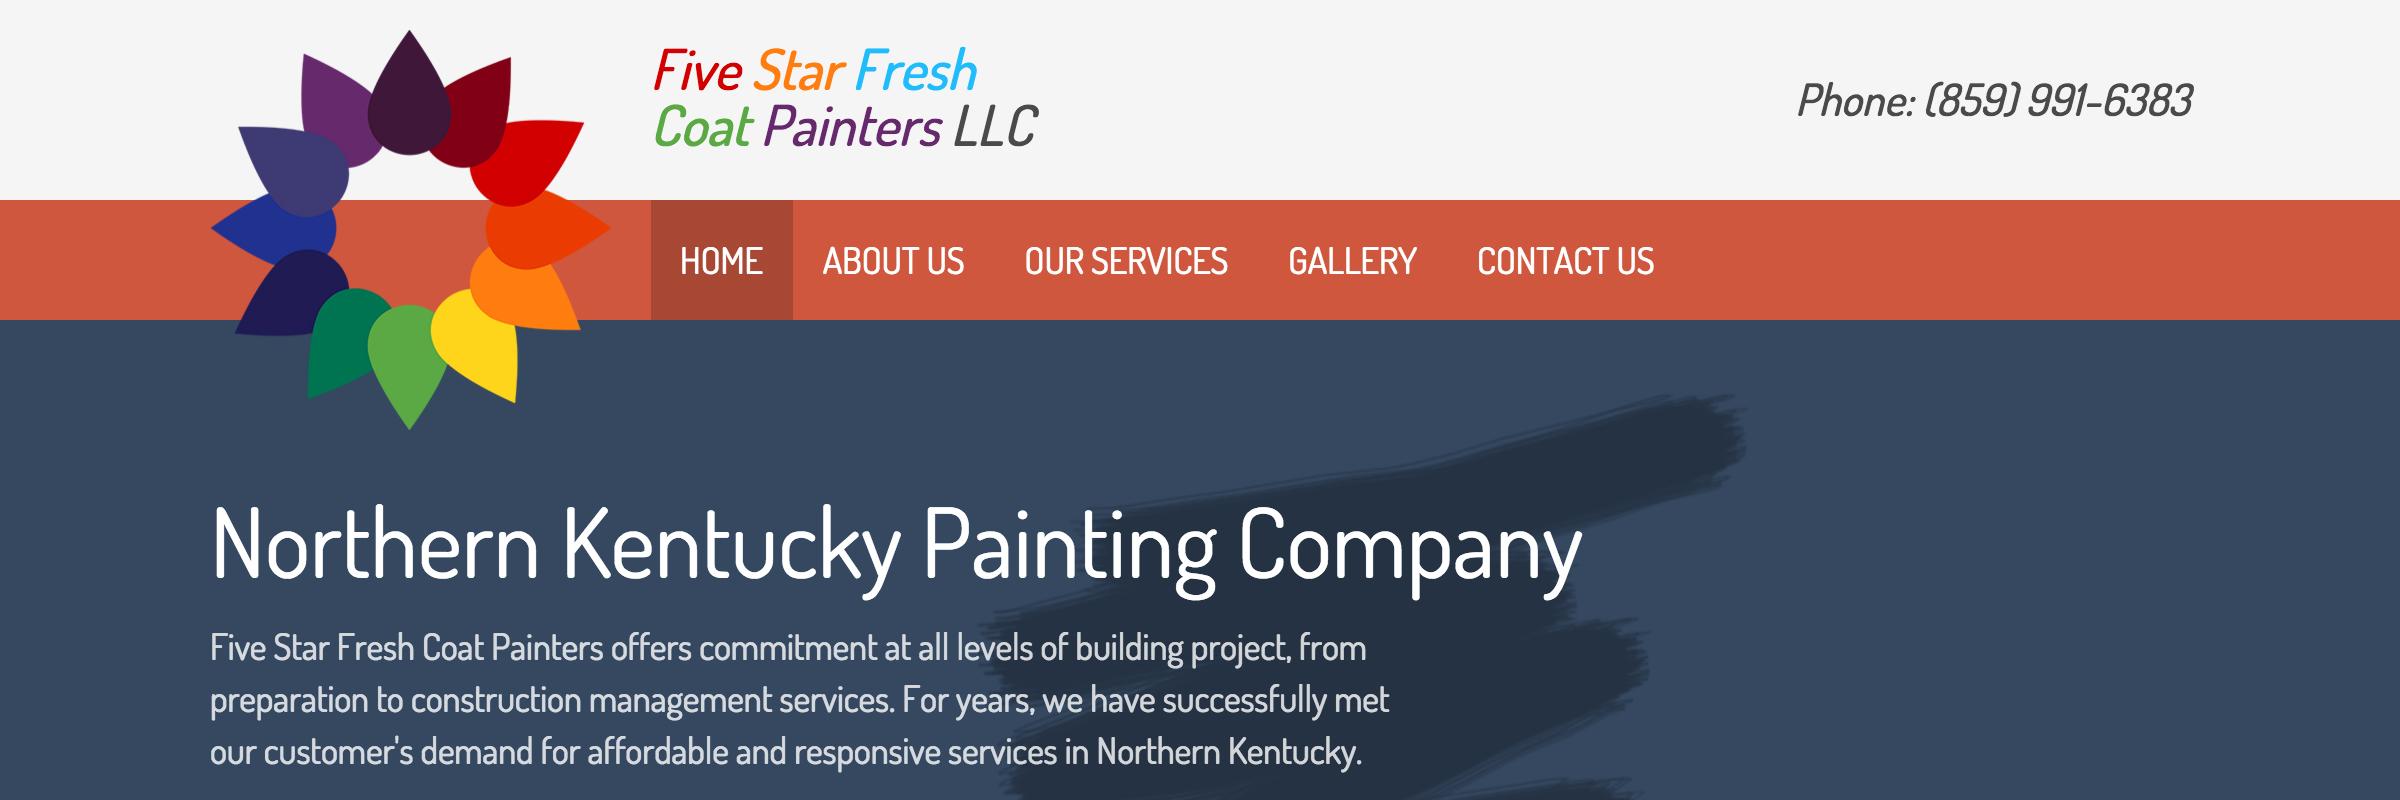 Five Star Fresh Coat Painters, LLC